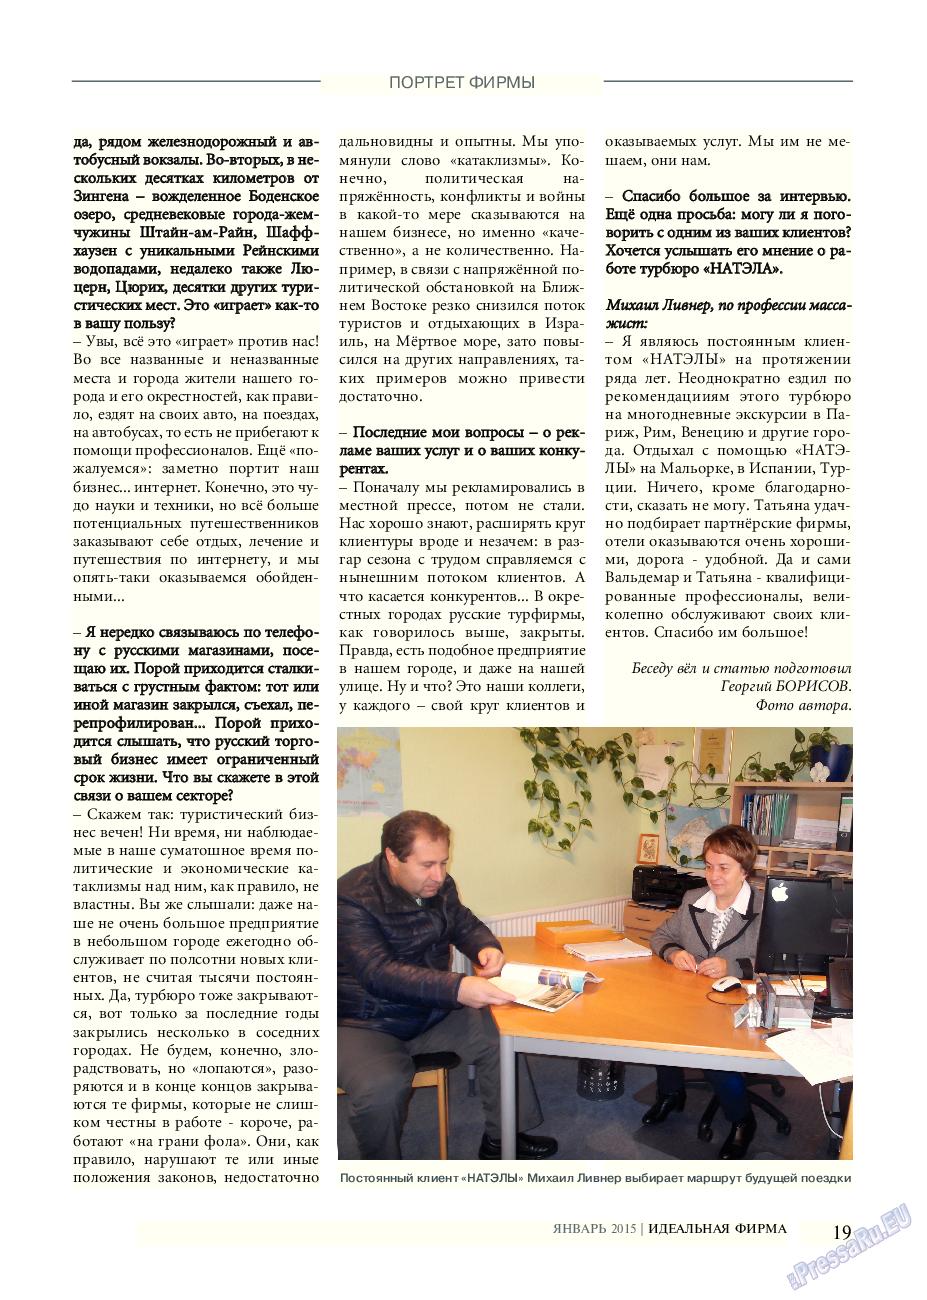 Идеальная фирма (журнал). 2015 год, номер 1, стр. 19